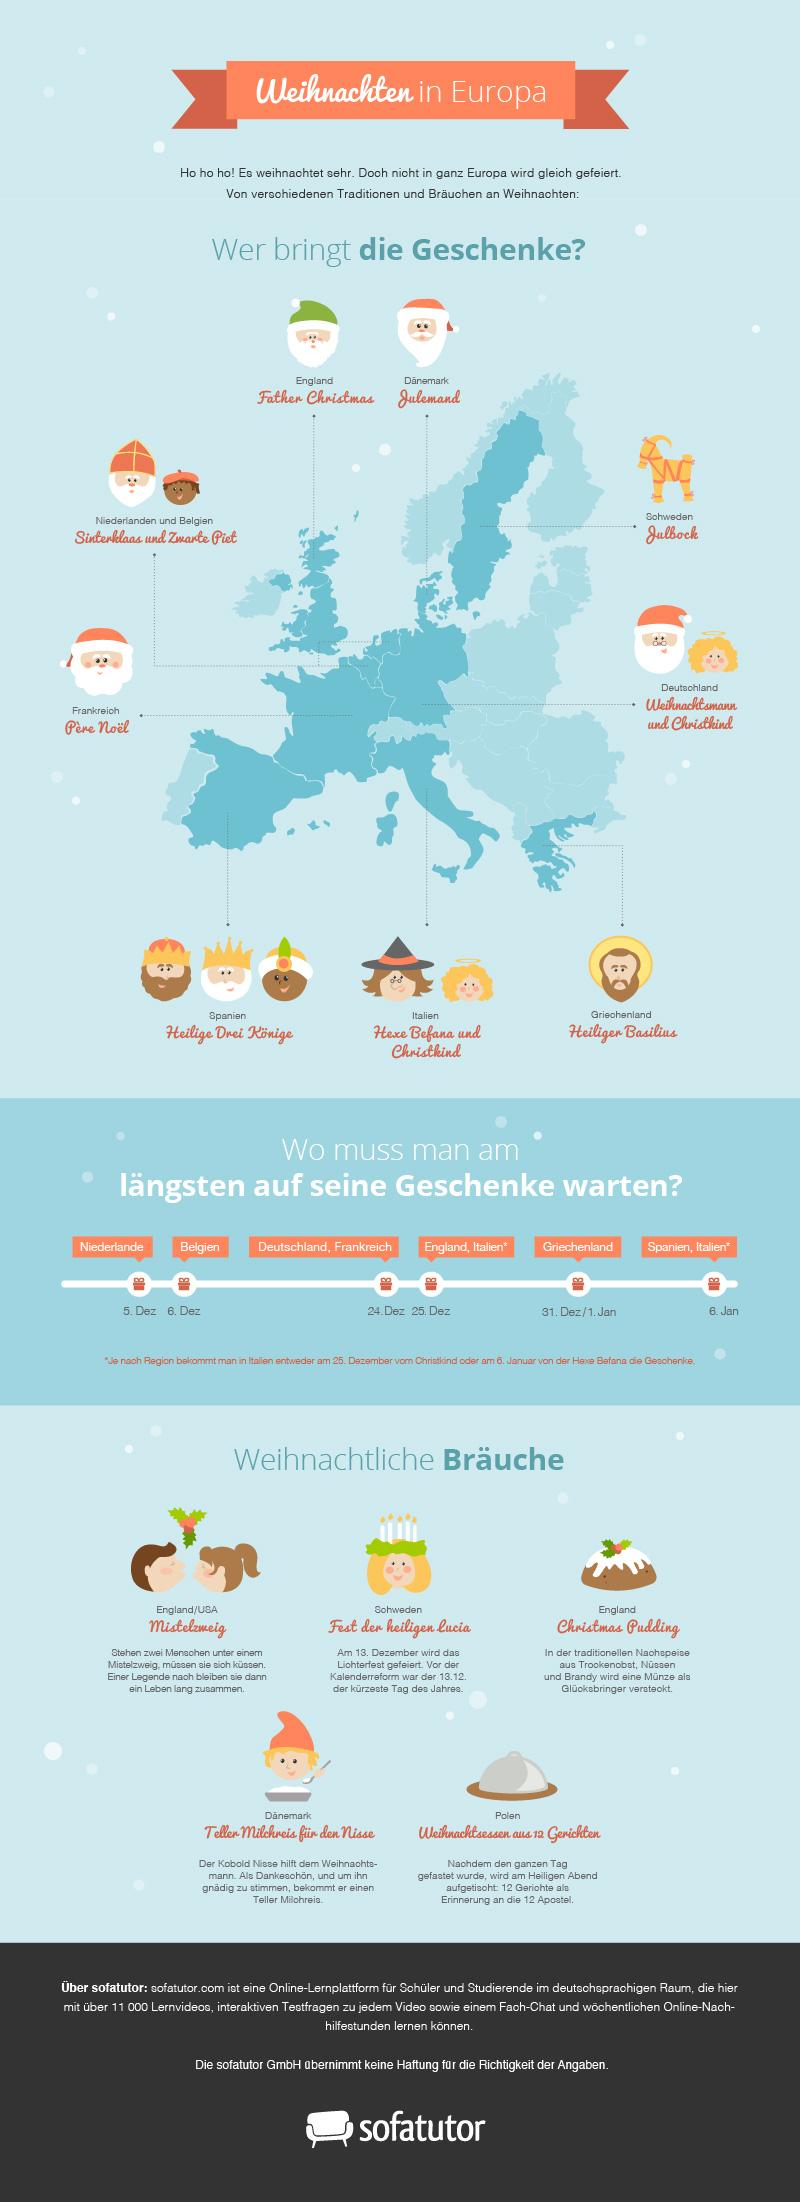 Wer Bringt Weihnachtsgeschenke In Spanien.Infografik Weihnachten In Europa